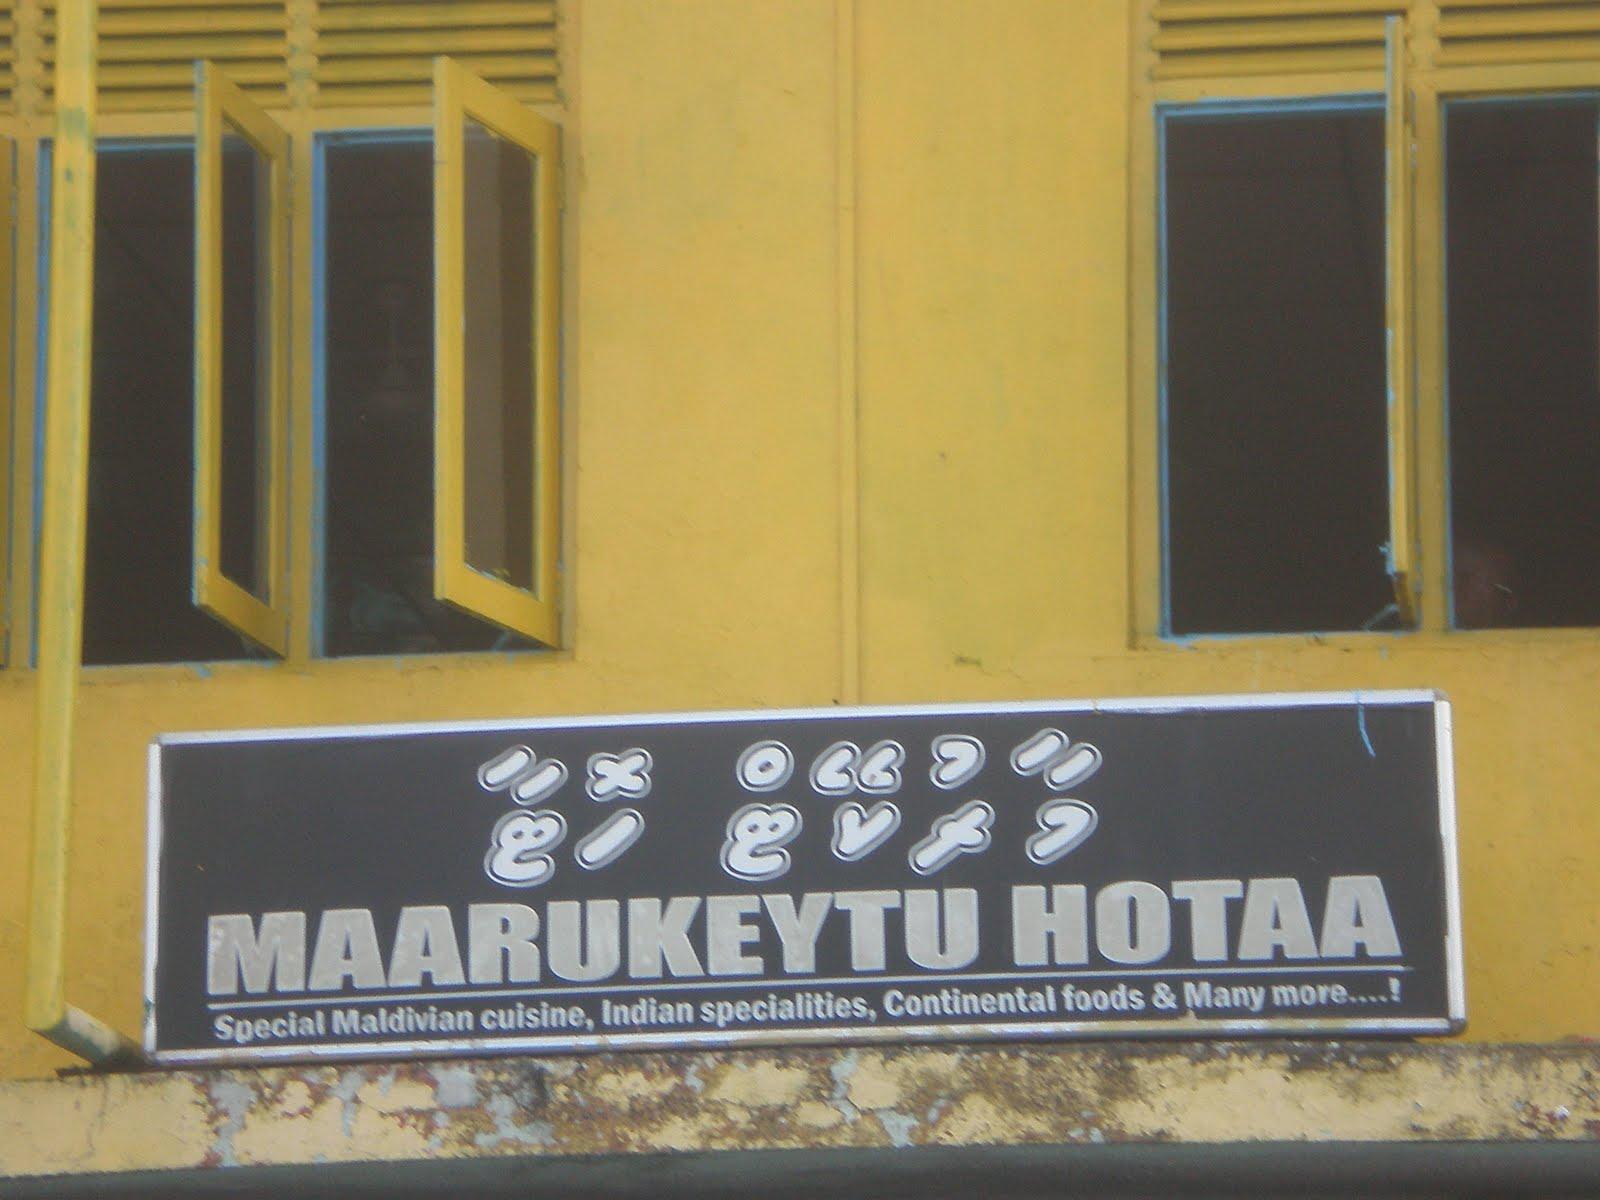 http://1.bp.blogspot.com/-MwD0tbie1xc/TYJTliqWLPI/AAAAAAAAXdI/-jcUOyJaWMg/s1600/MaldivasPlaca103.JPG